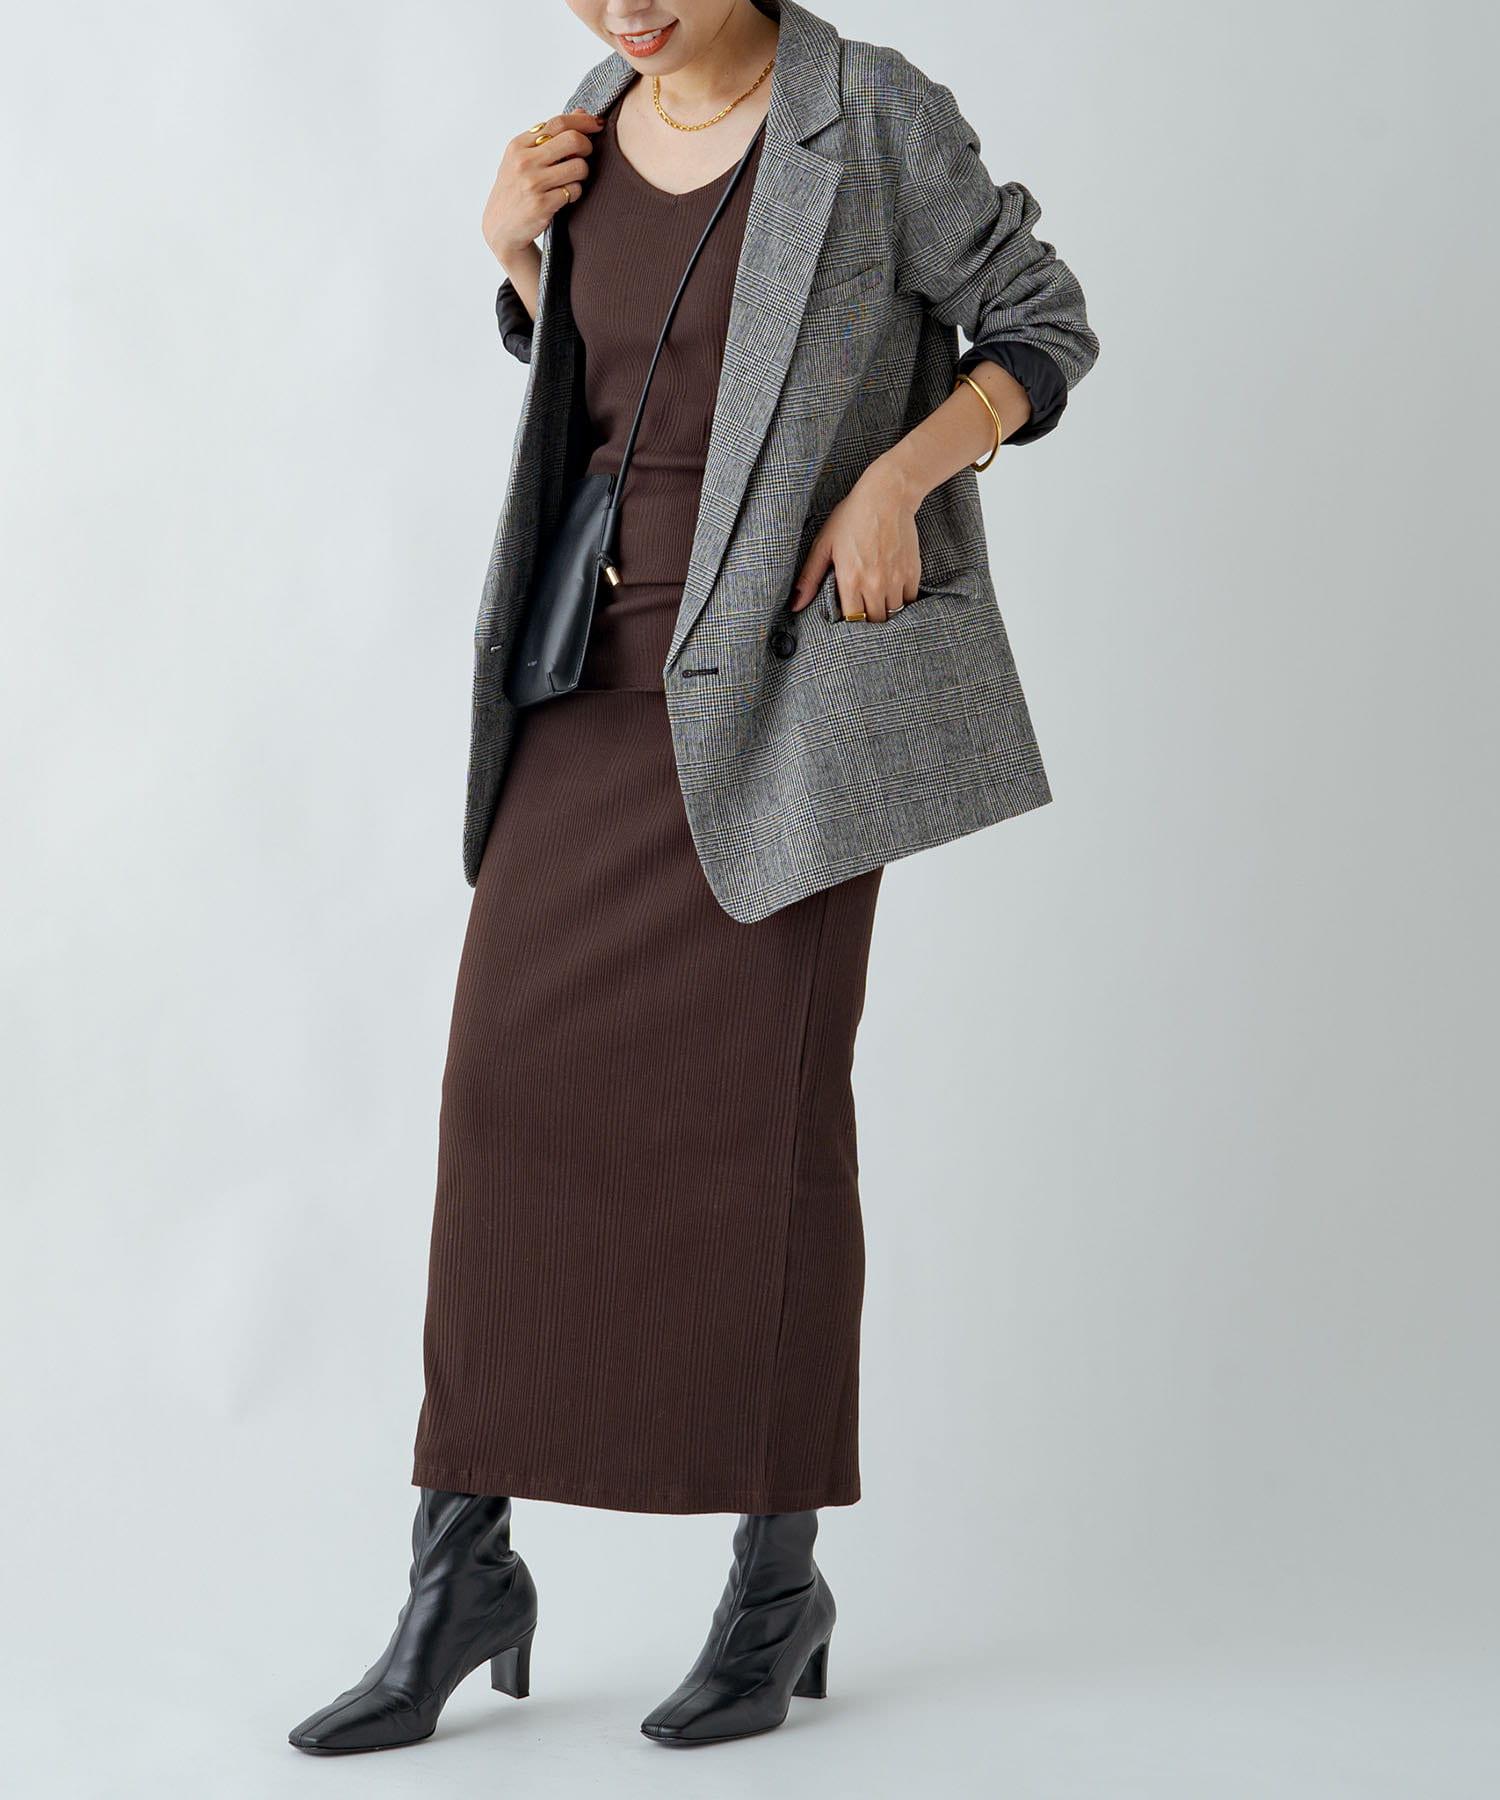 Loungedress(ラウンジドレス) チェックジャケット